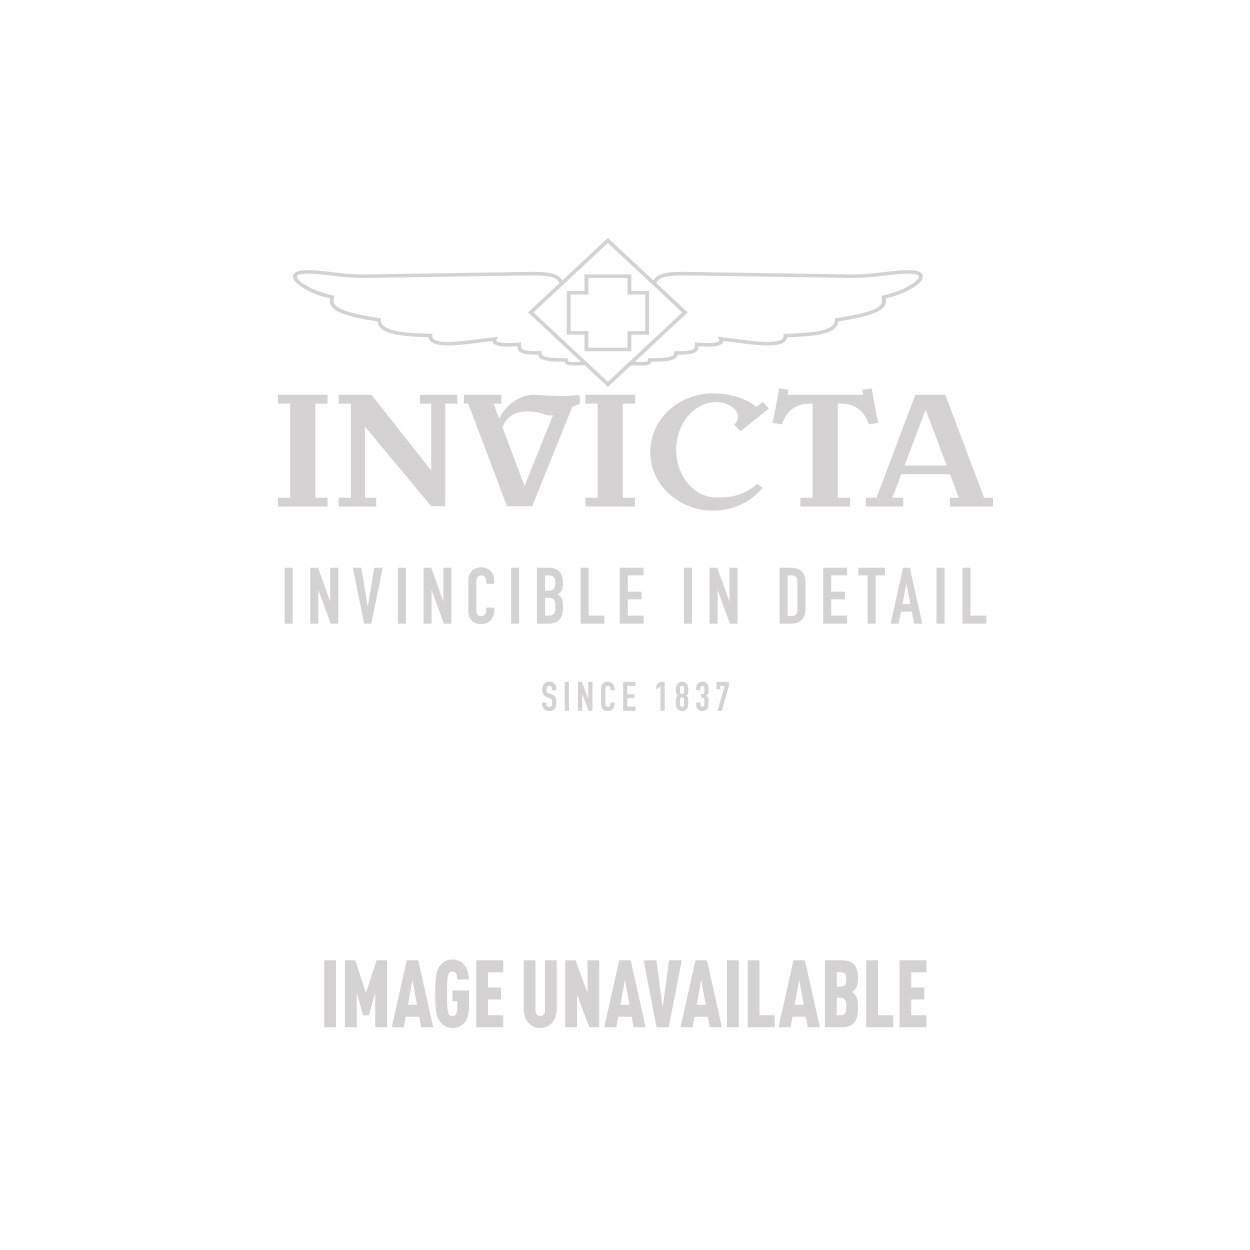 Invicta Model 28103